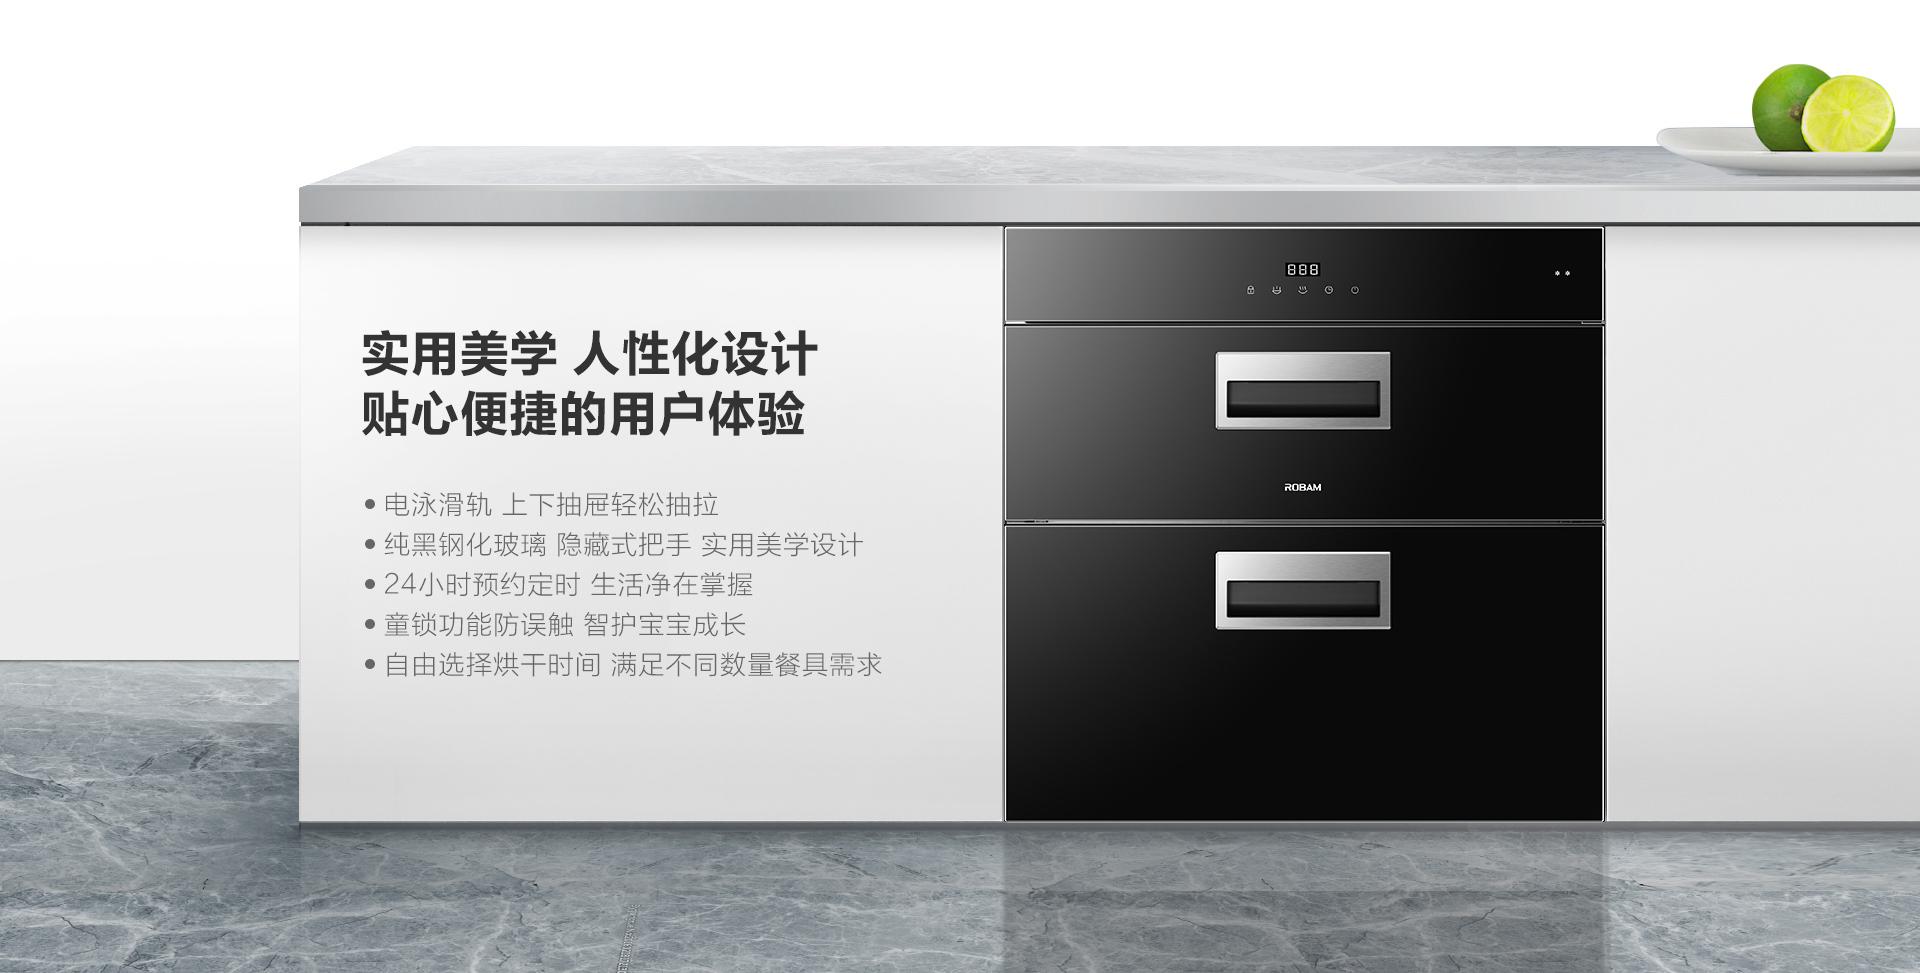 XB605消毒柜-上新-PC端-200827_05.jpg